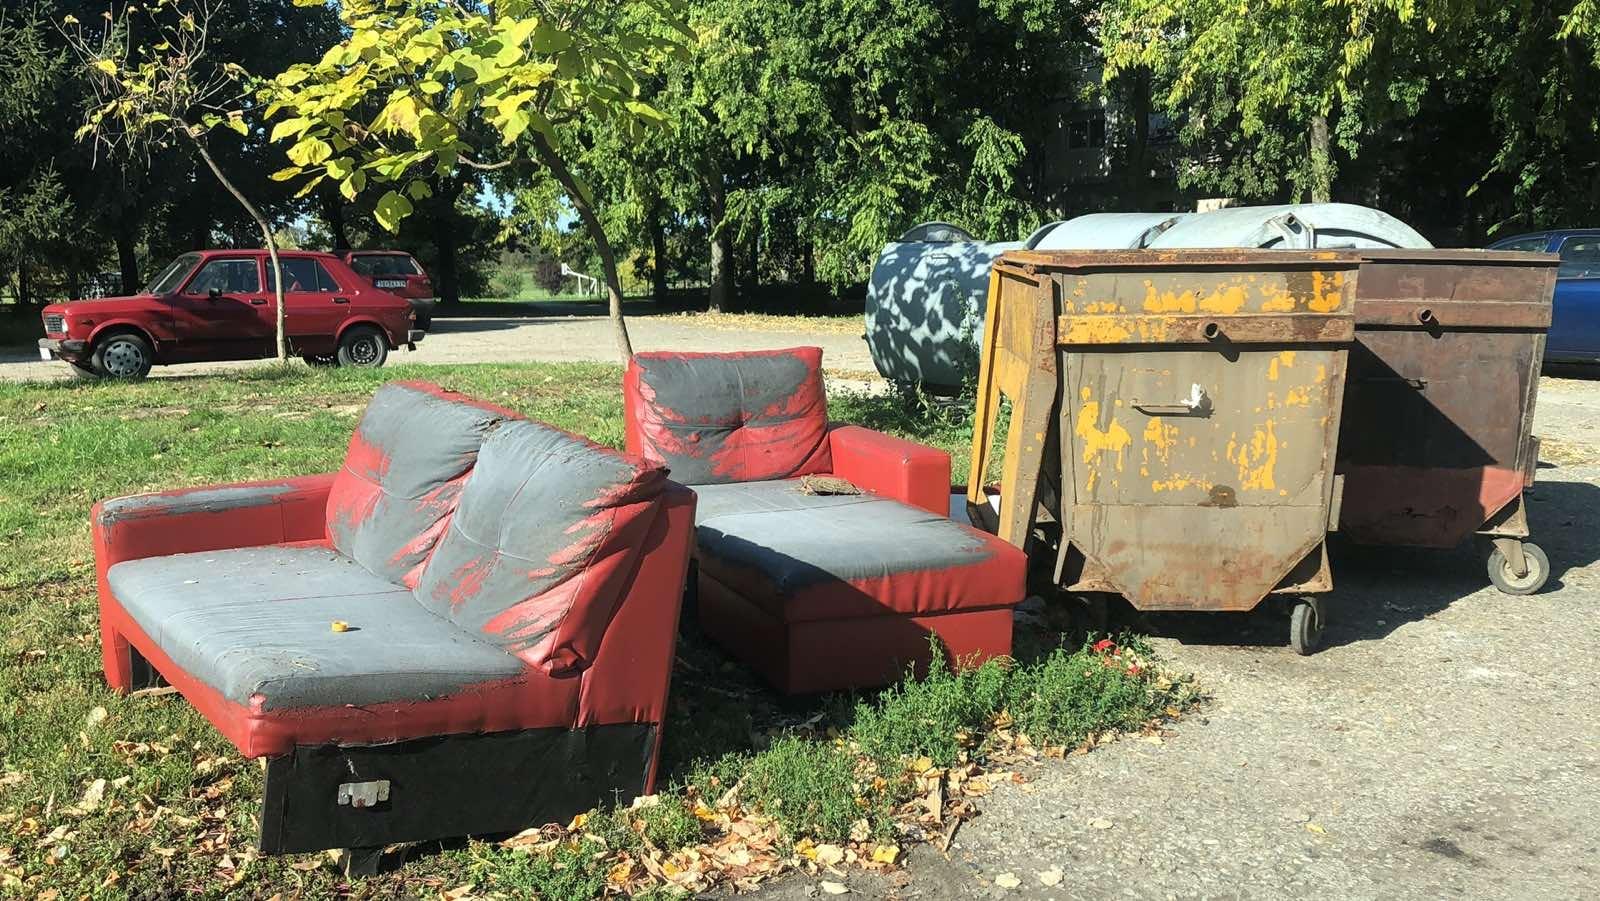 Пример несавесног одлагања кабастог отпада